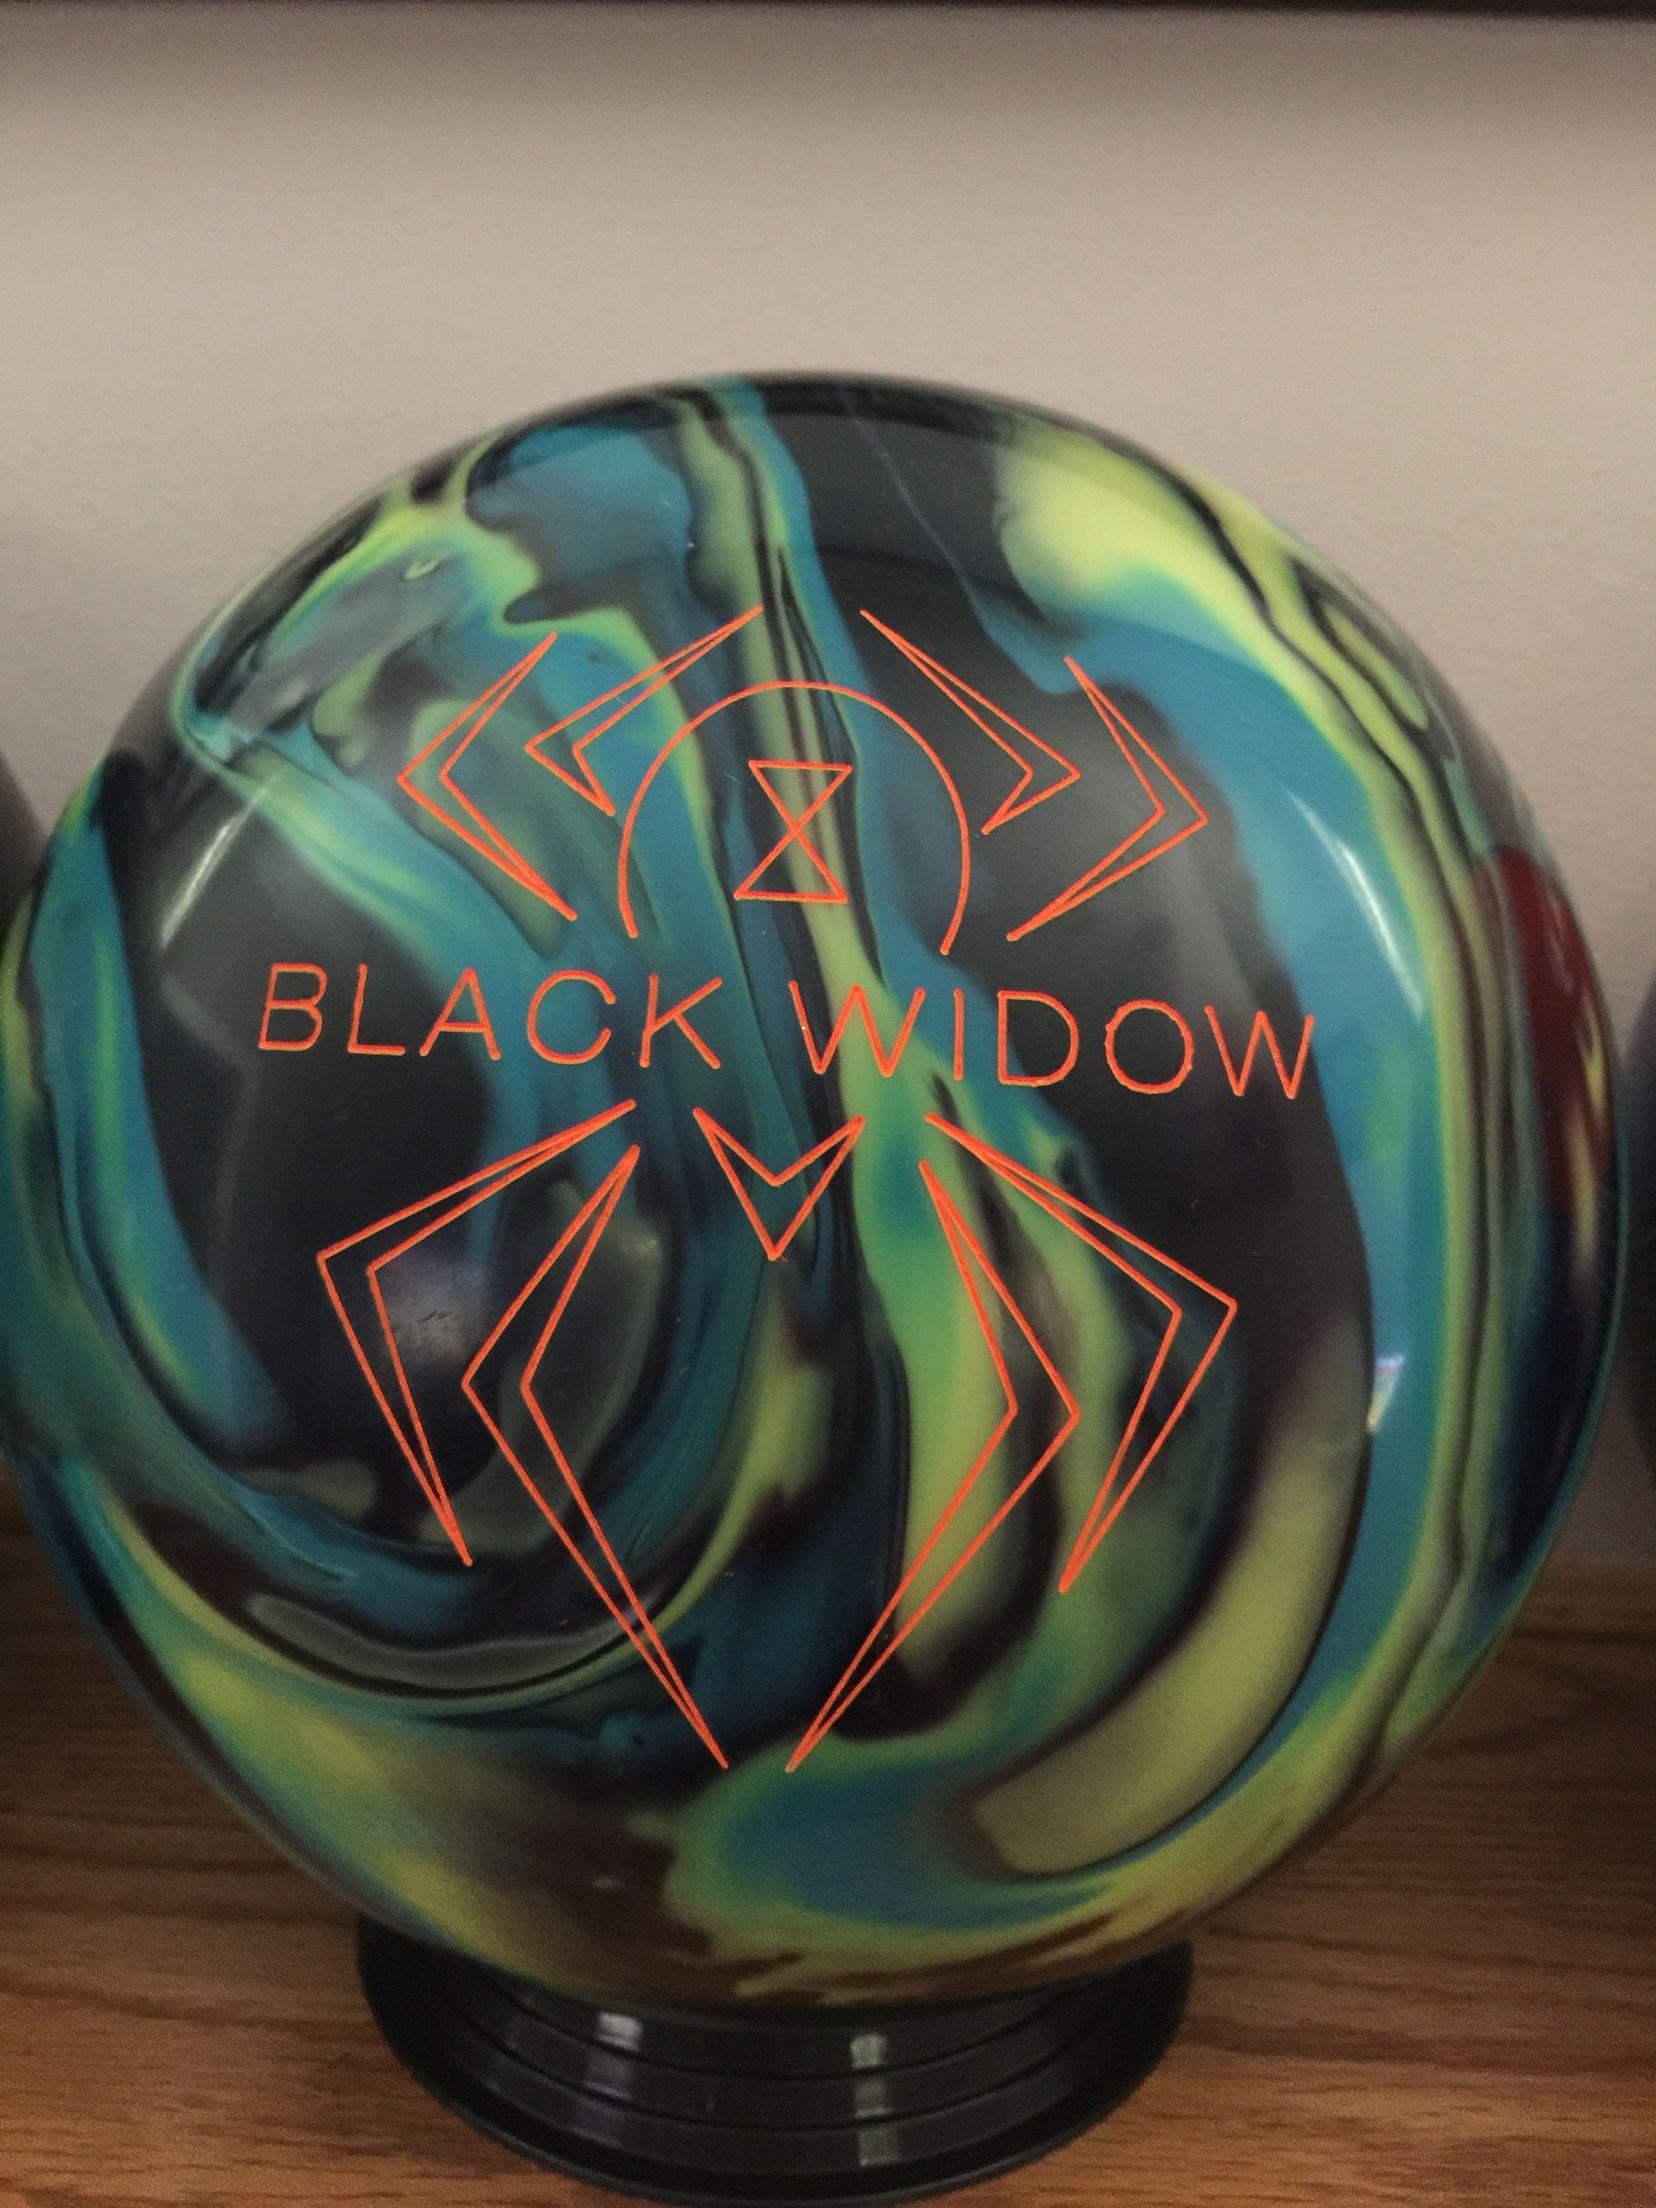 Team Sports Hammer Black Widow Urethane Bowling Ball Nib 1st